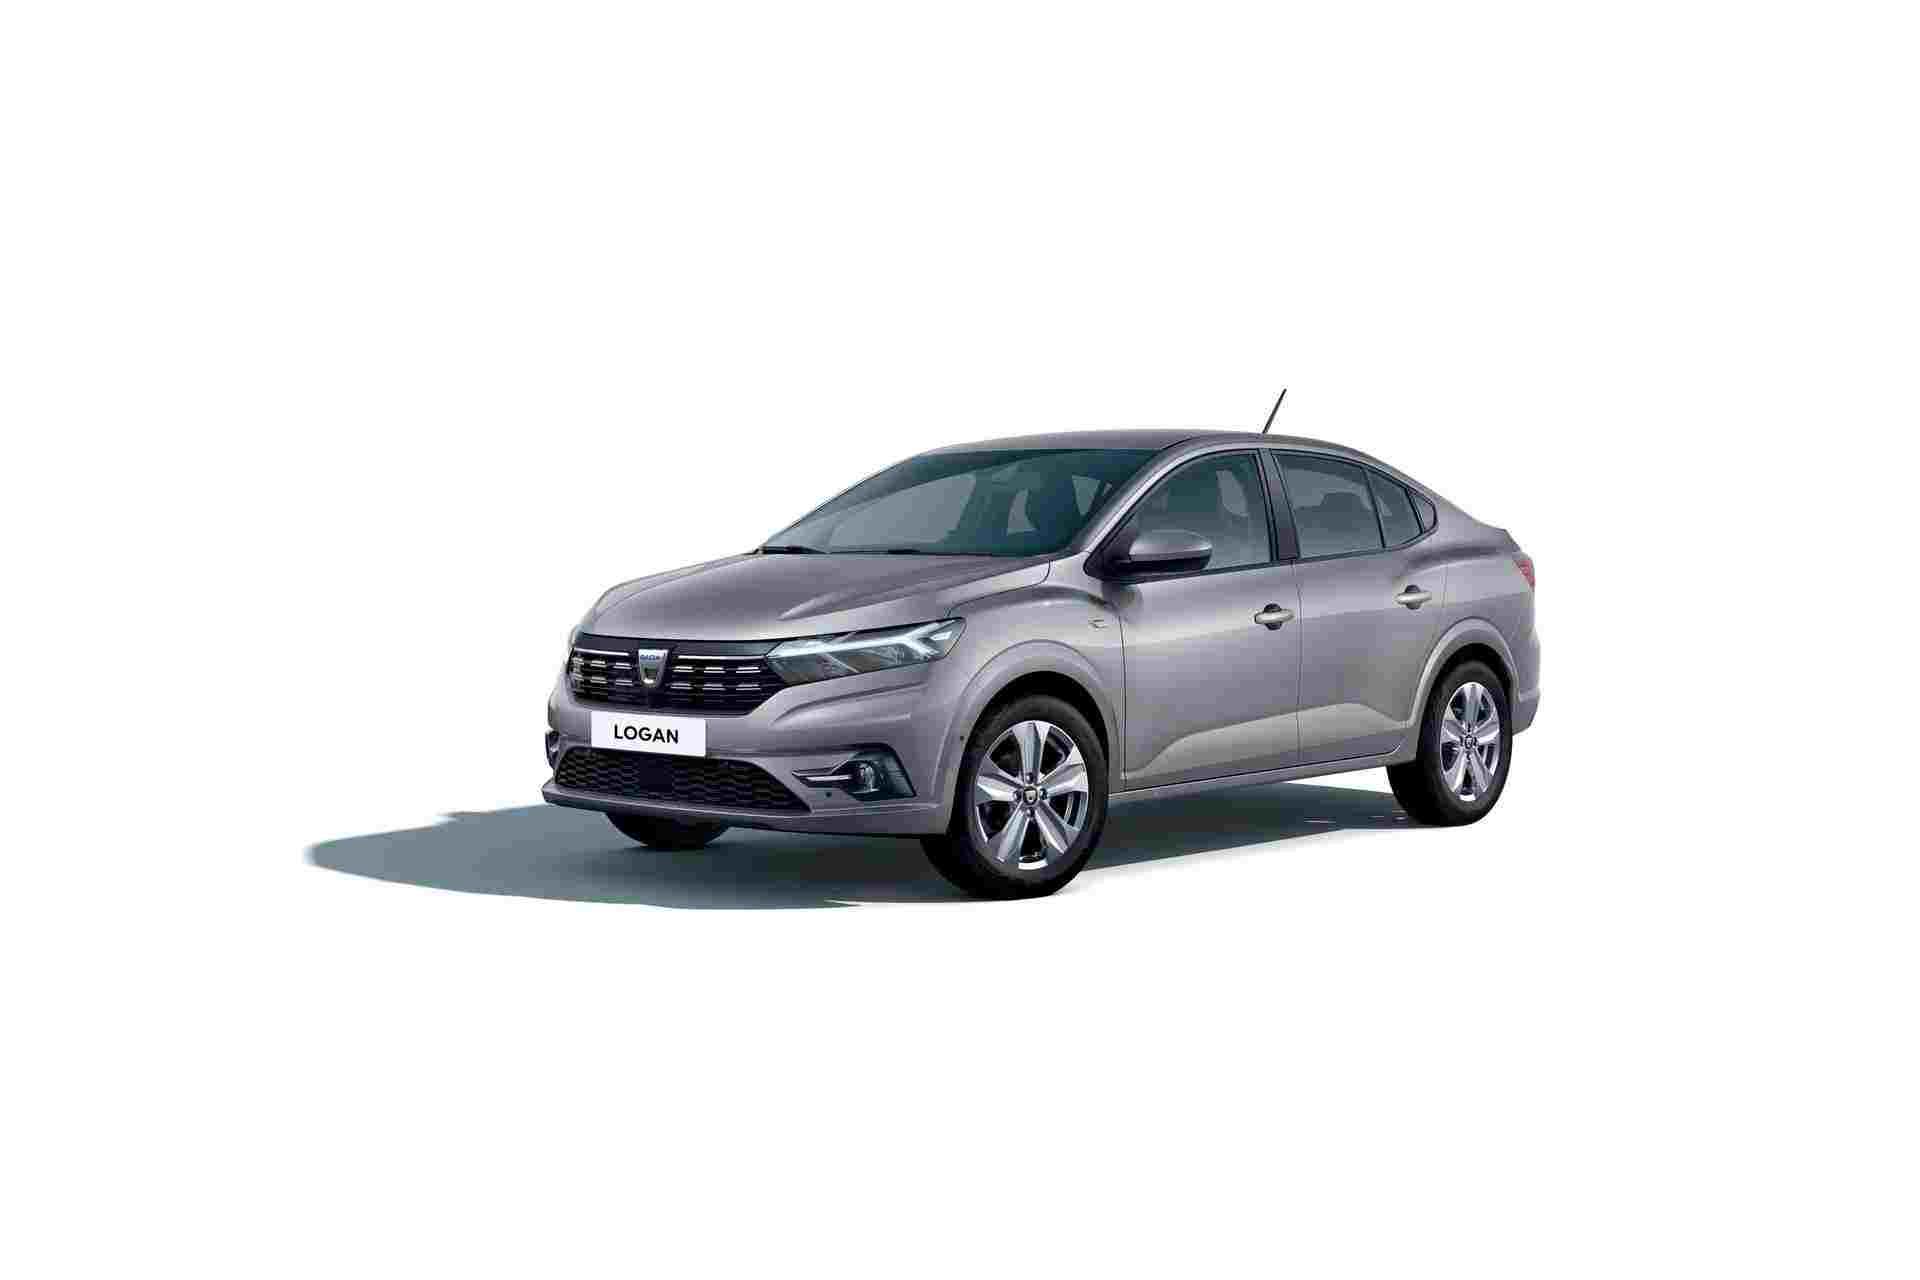 2020_Dacia_Logan_0011